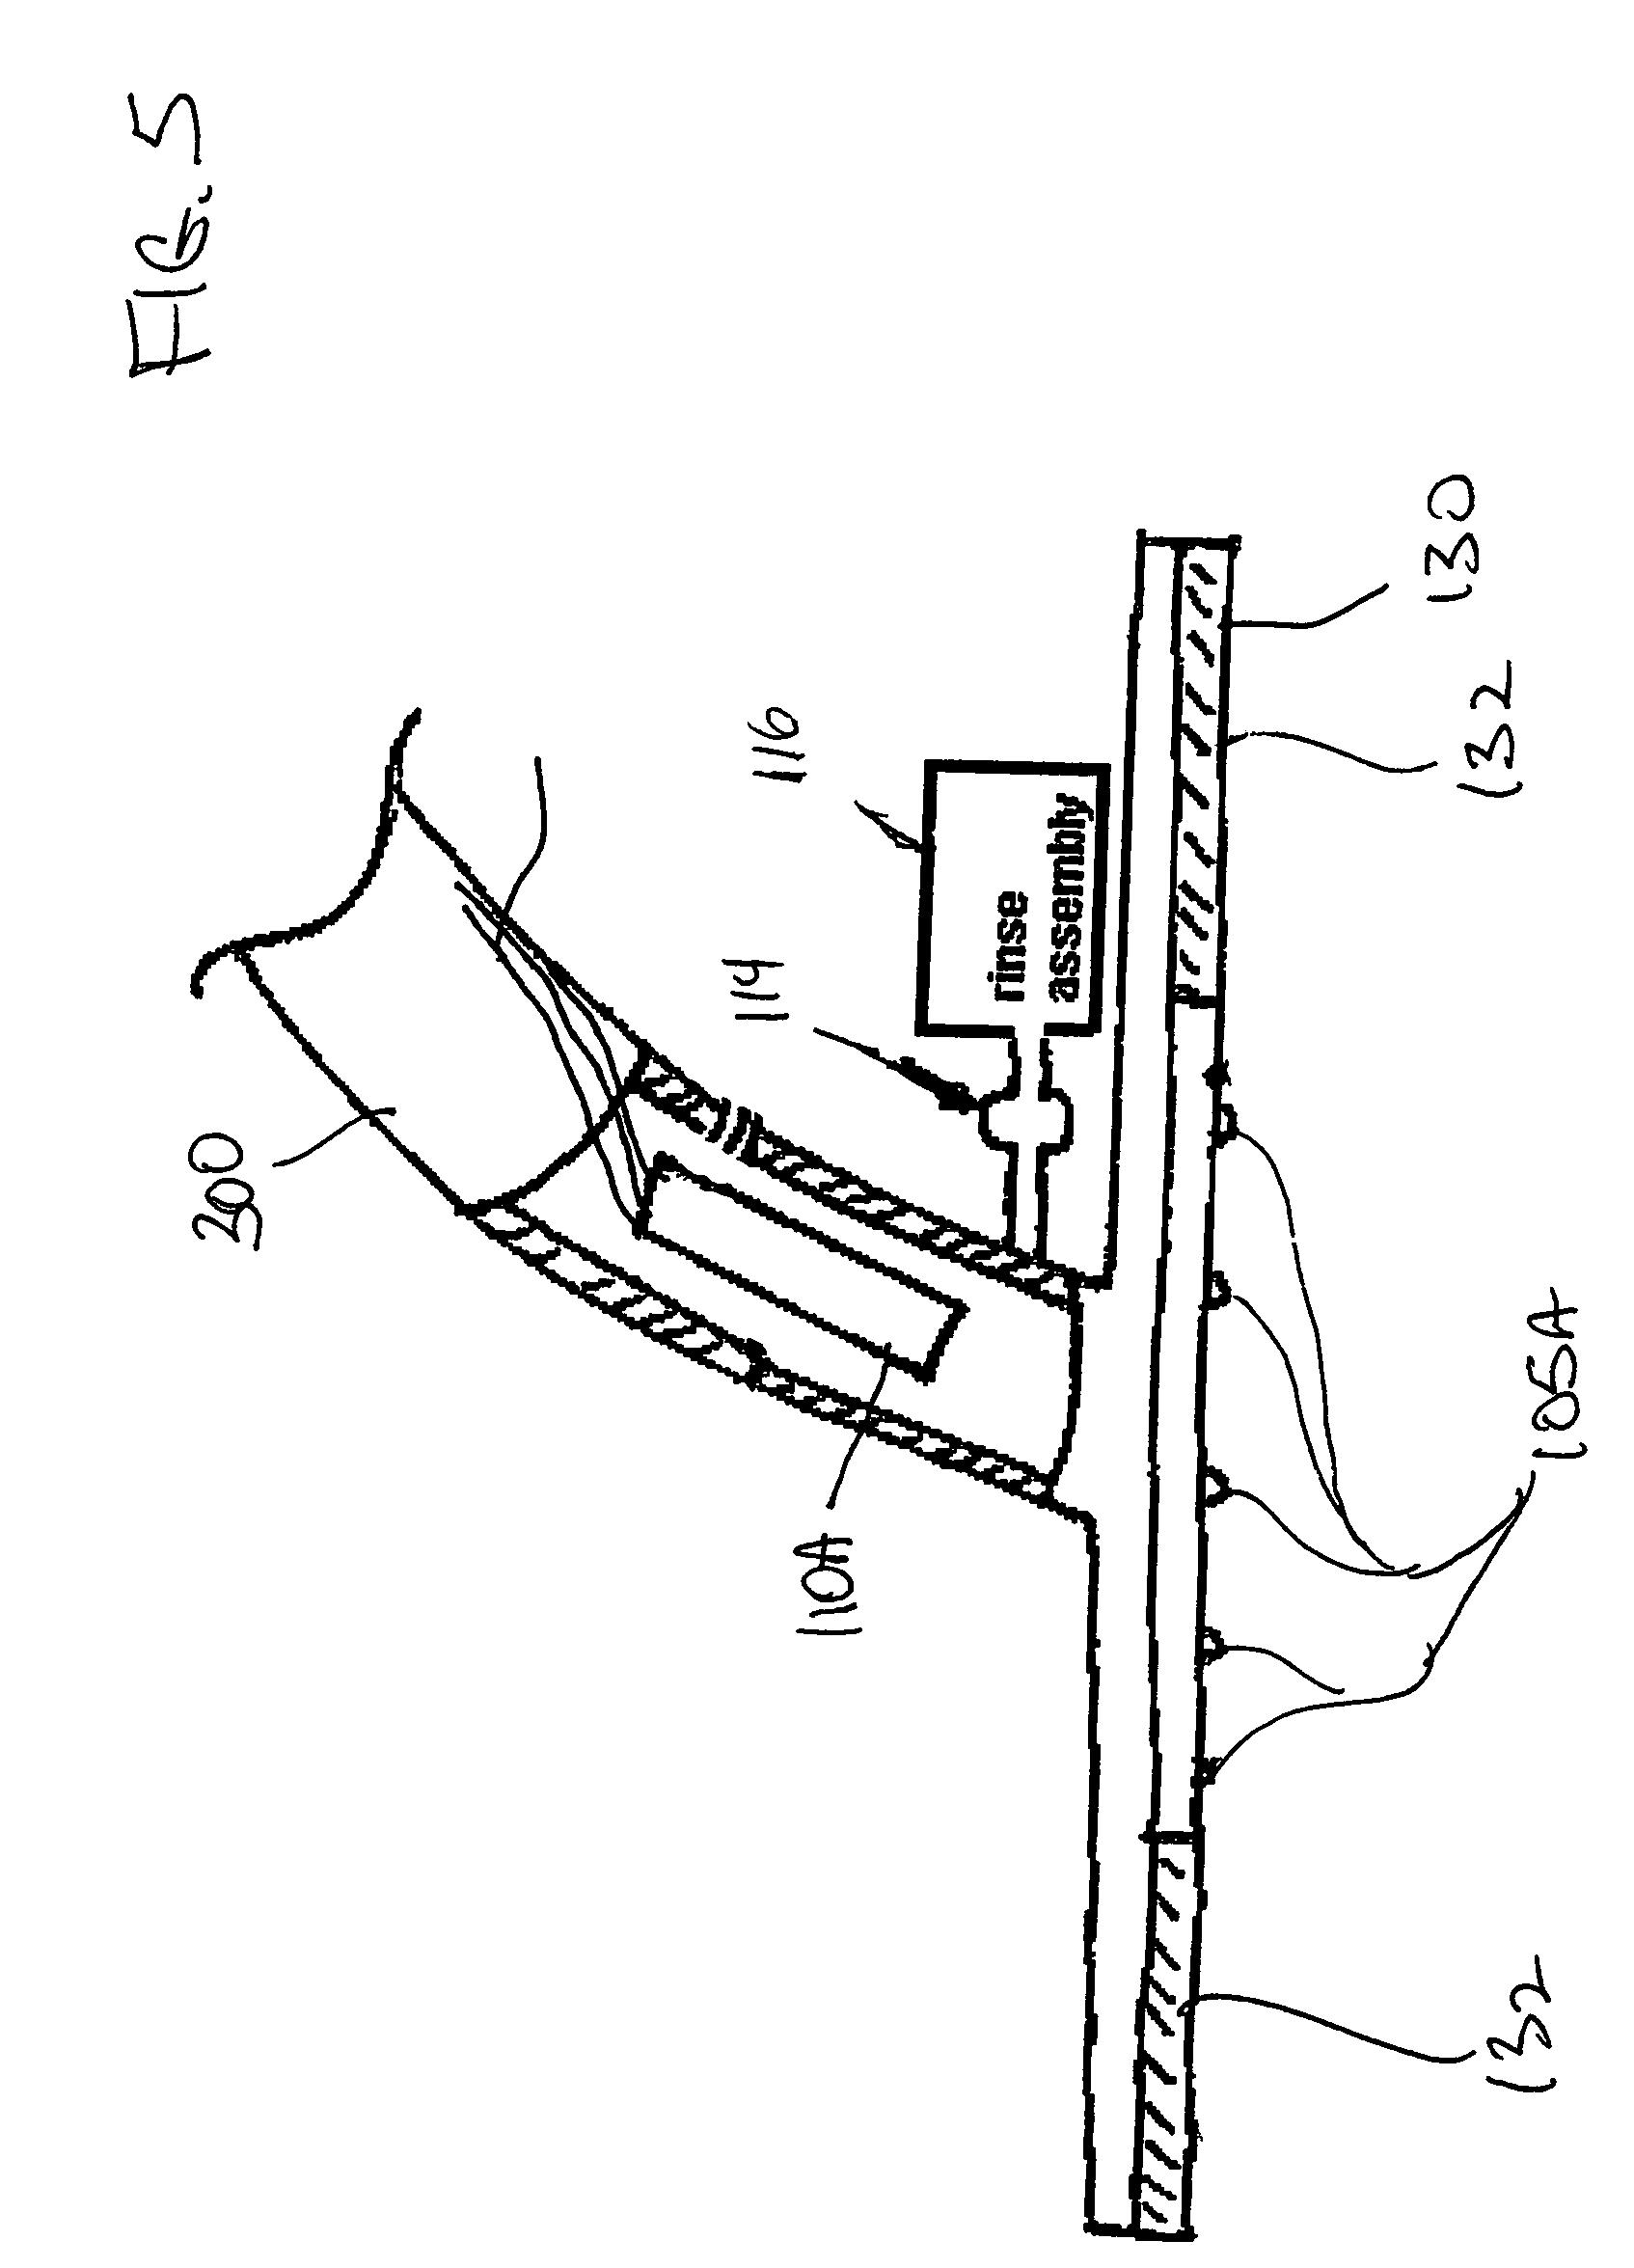 meyer plow light wiring diagram wiring diagrammeyer plow light wiring diagram